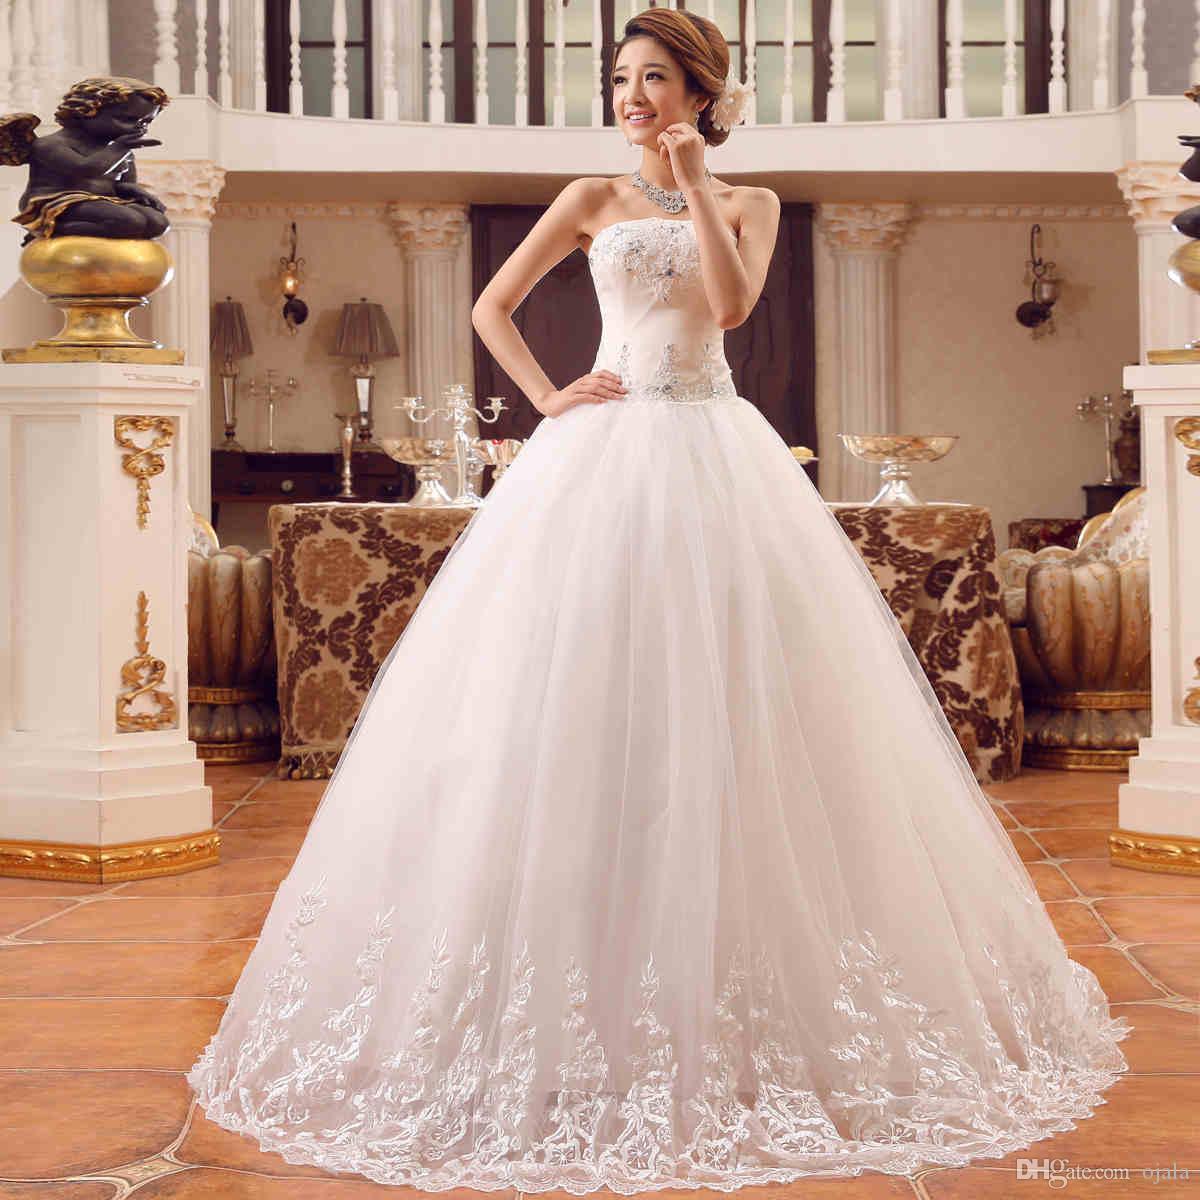 6951 UNCUT Vintage McCalls SEWING Pattern Wedding Dress Bridal Gown Alicyn OOP